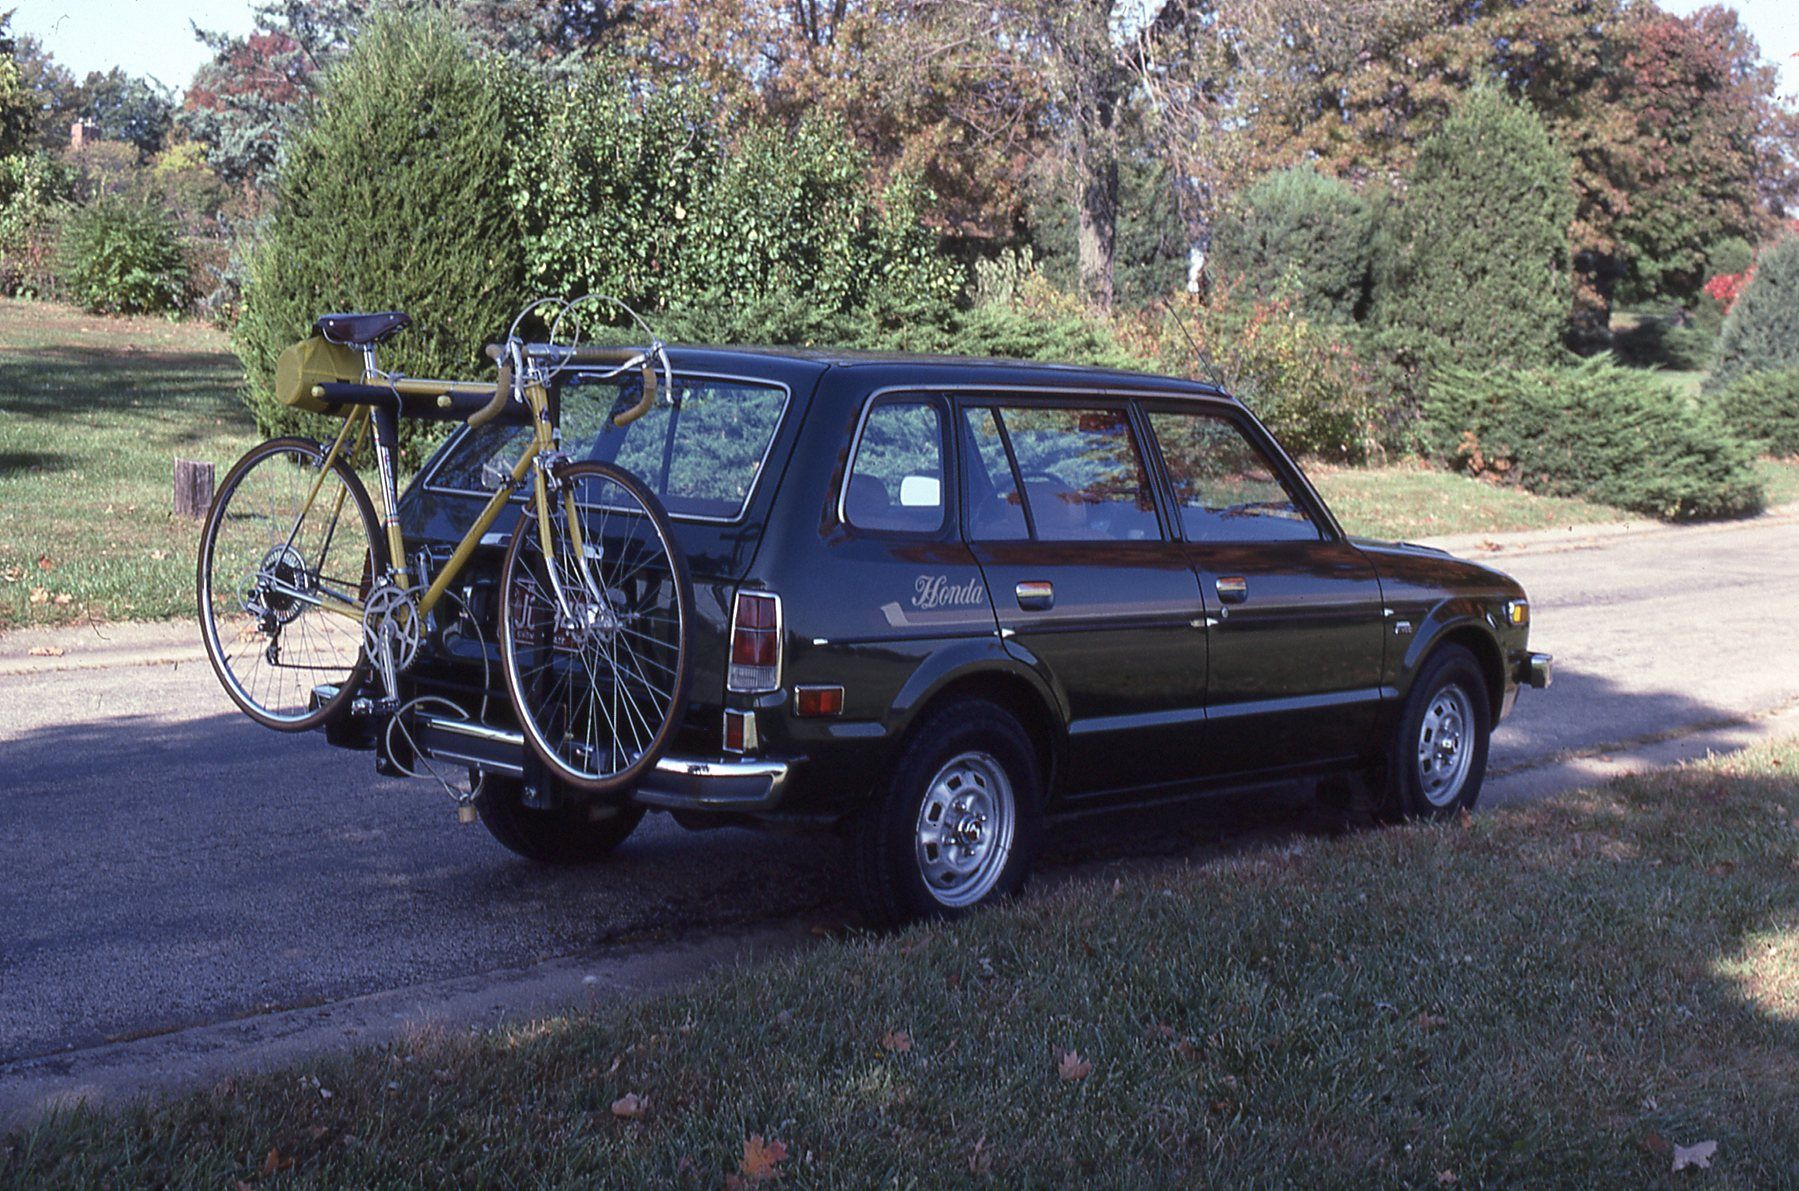 (#8) 1976 Honda Civic Wagon | Honda civic, Honda, Wagon